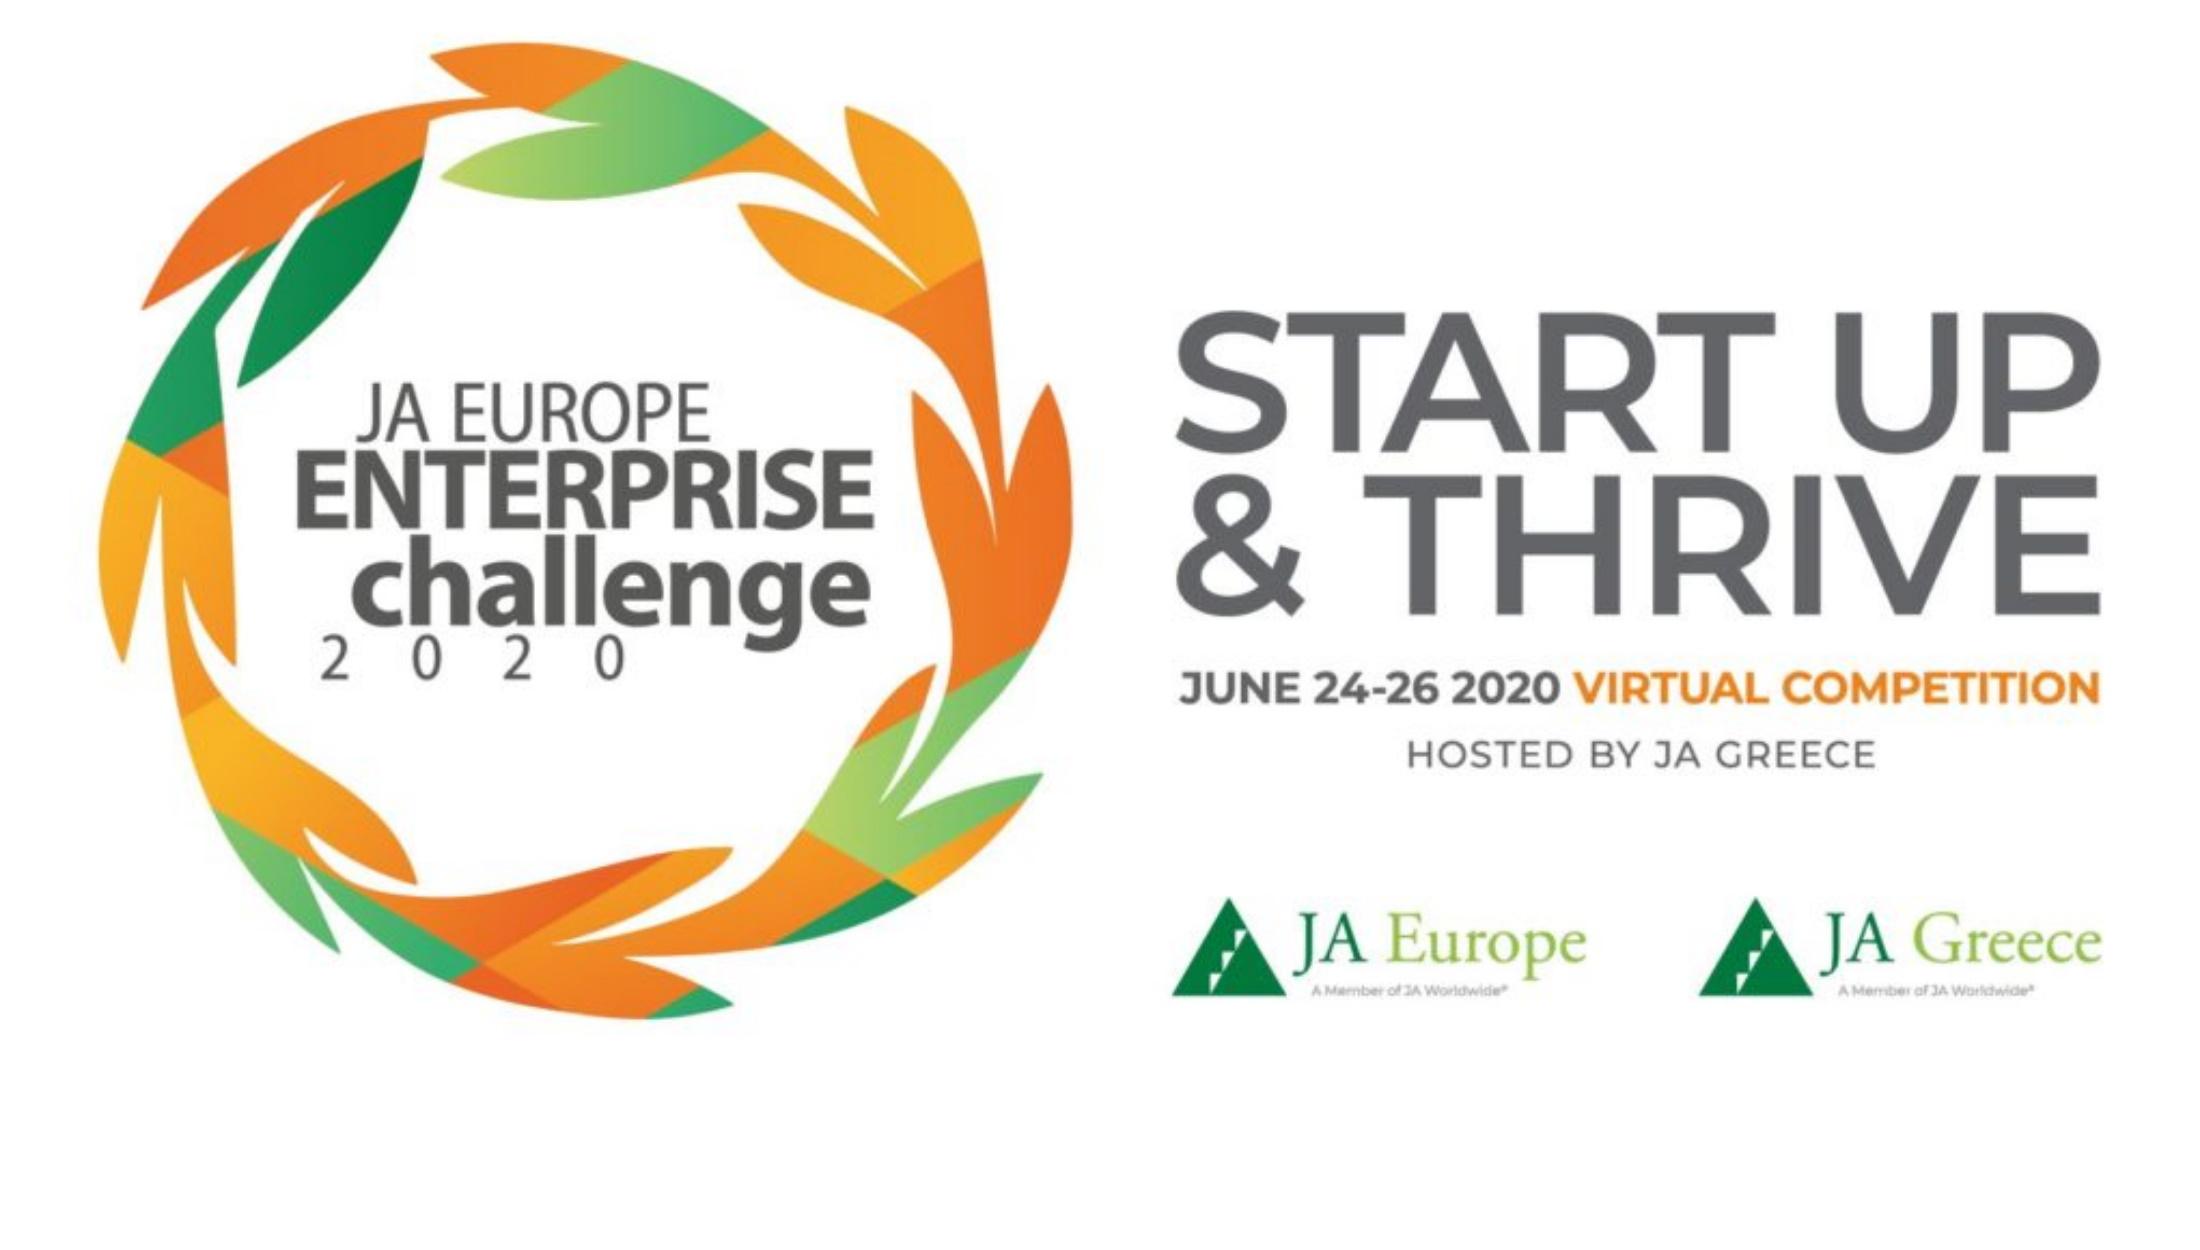 Στην Ελλάδα o Πανευρωπαϊκός Διαγωνισμός «JA Europe Enterprise Challenge 2020»